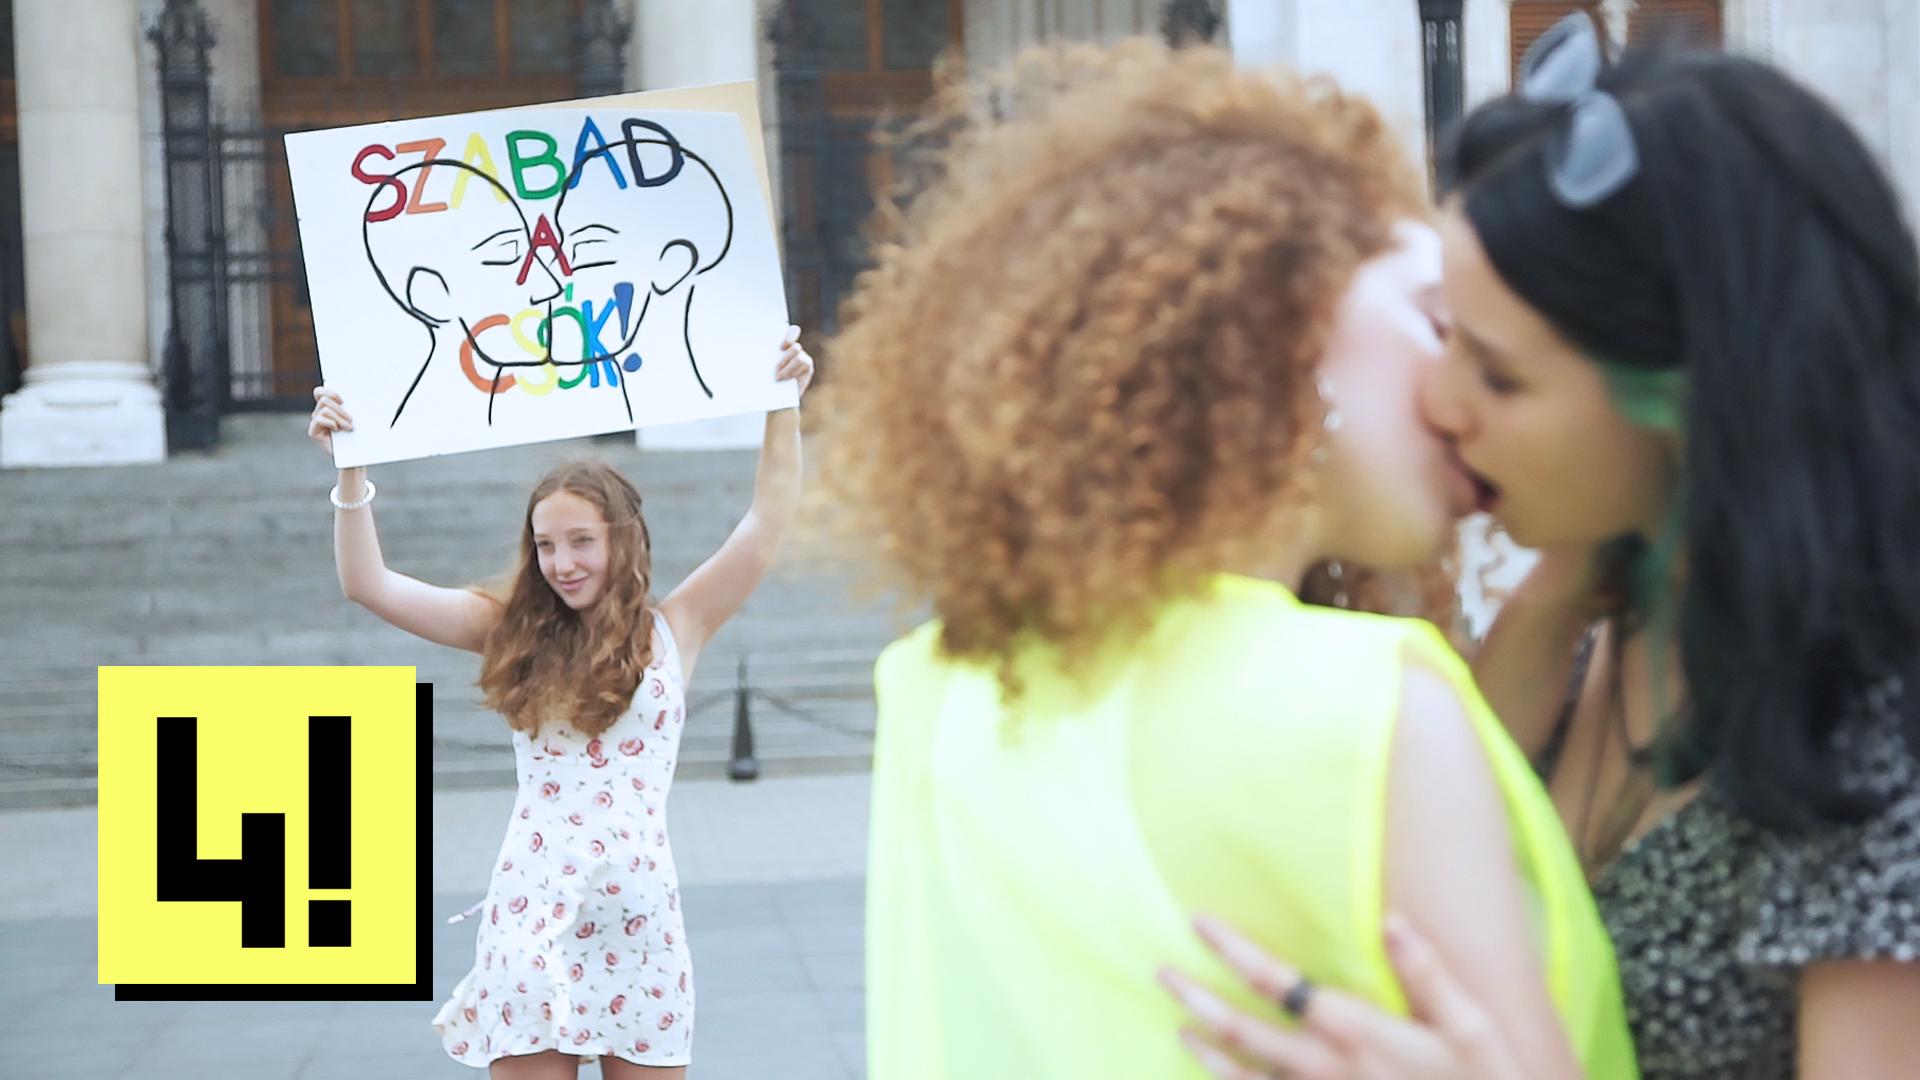 Vigyázat, amit ezek a fiatalok a Kossuth téren művelnek, az a Fidesz homofób törvénye szerint 18+ tartalom!